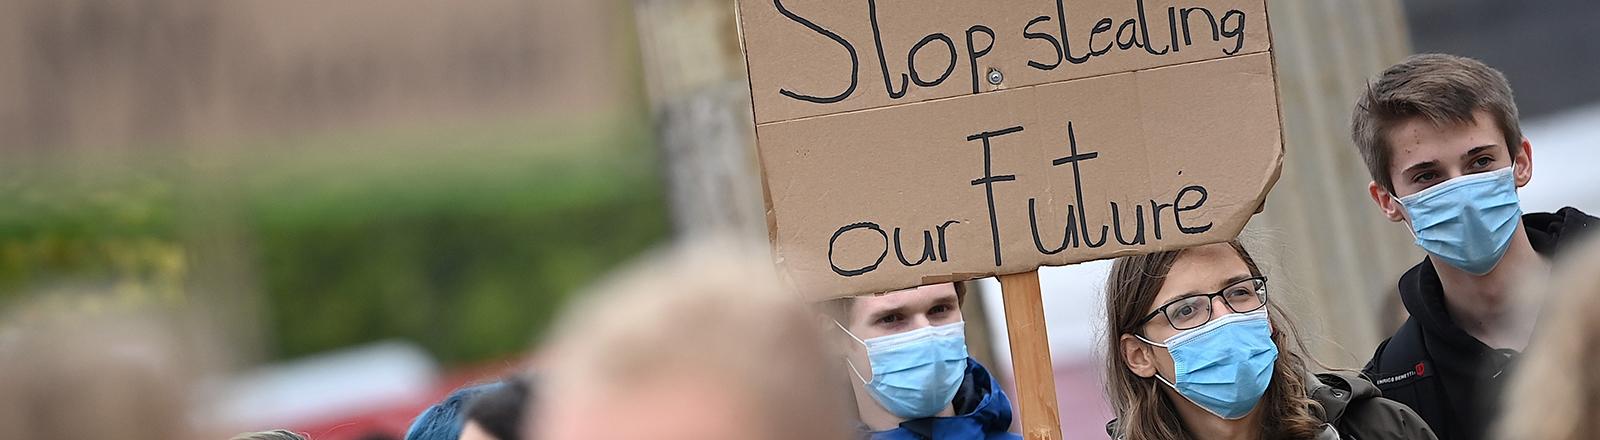 """Beim Klimastreiktag halten drei junge Erwachsene in Potsdam ein Schild hoch mit dem Spruch """"Stop Stealing our Future"""" (Hört auf, uns unsere Zukunft zu stehlen) (25.09.2020); Foto: dpa"""